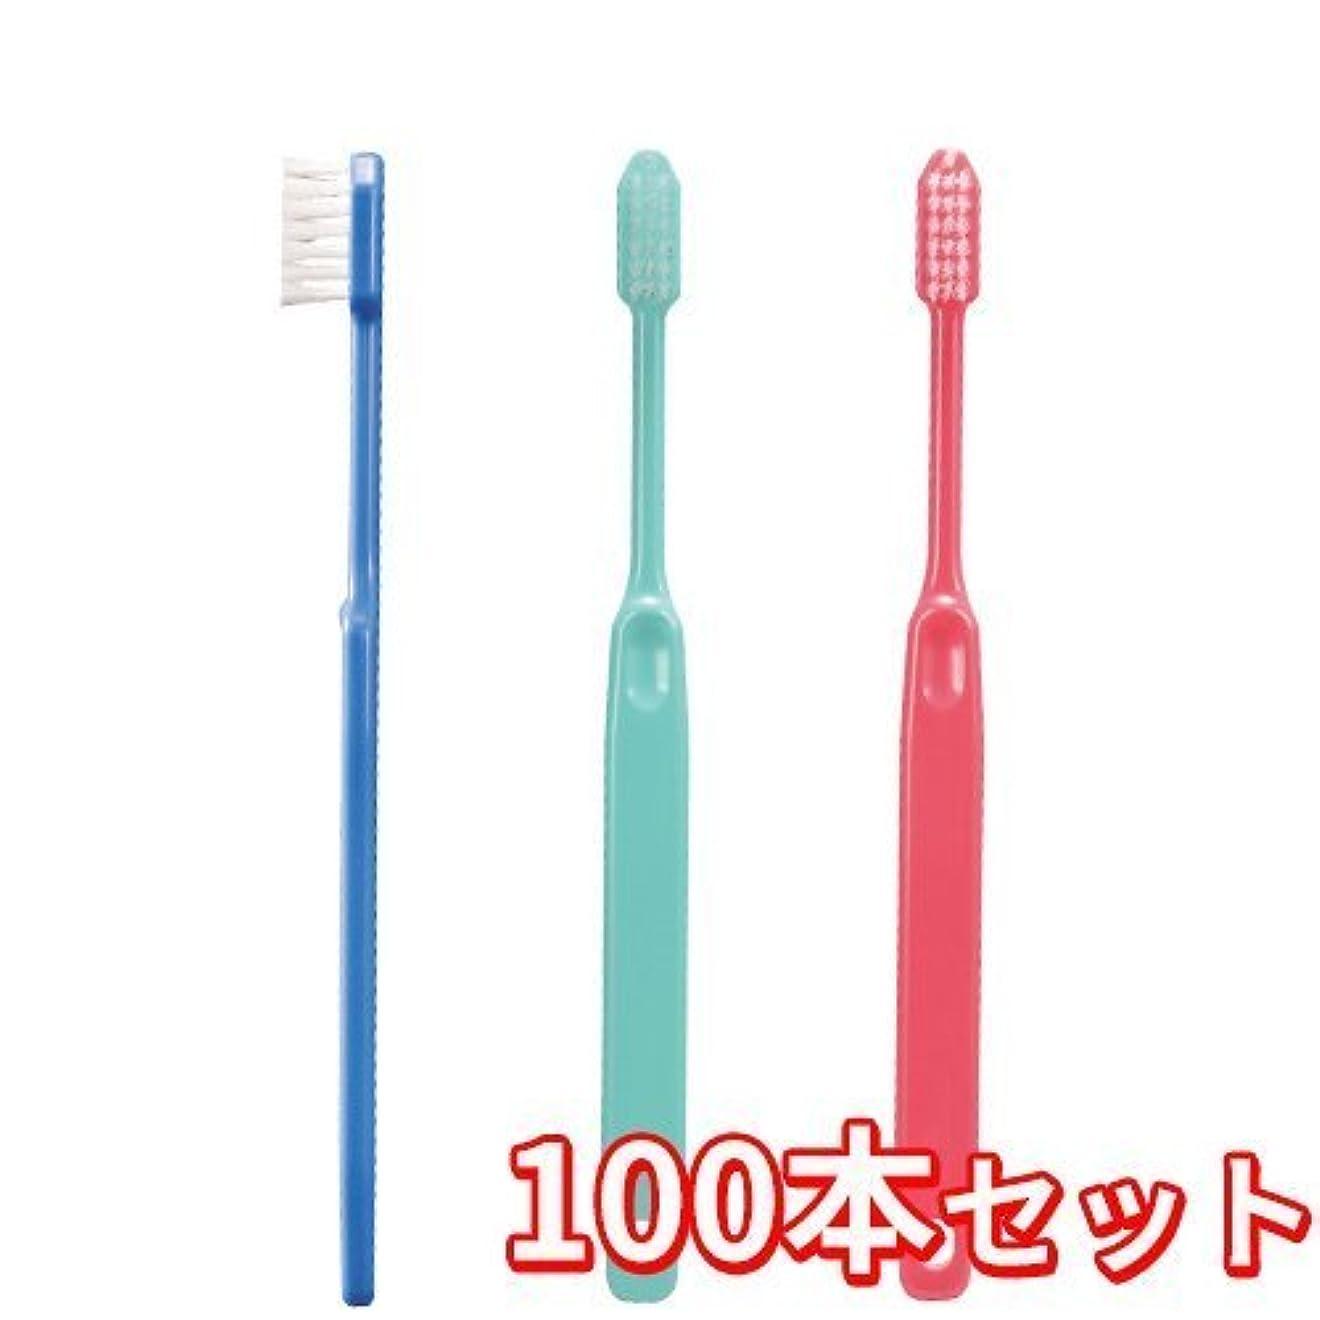 誤って早熟浸透するCiメディカル 歯ブラシ コンパクトヘッド 疎毛タイプ アソート 100本 (Ci23(やややわらかめ))